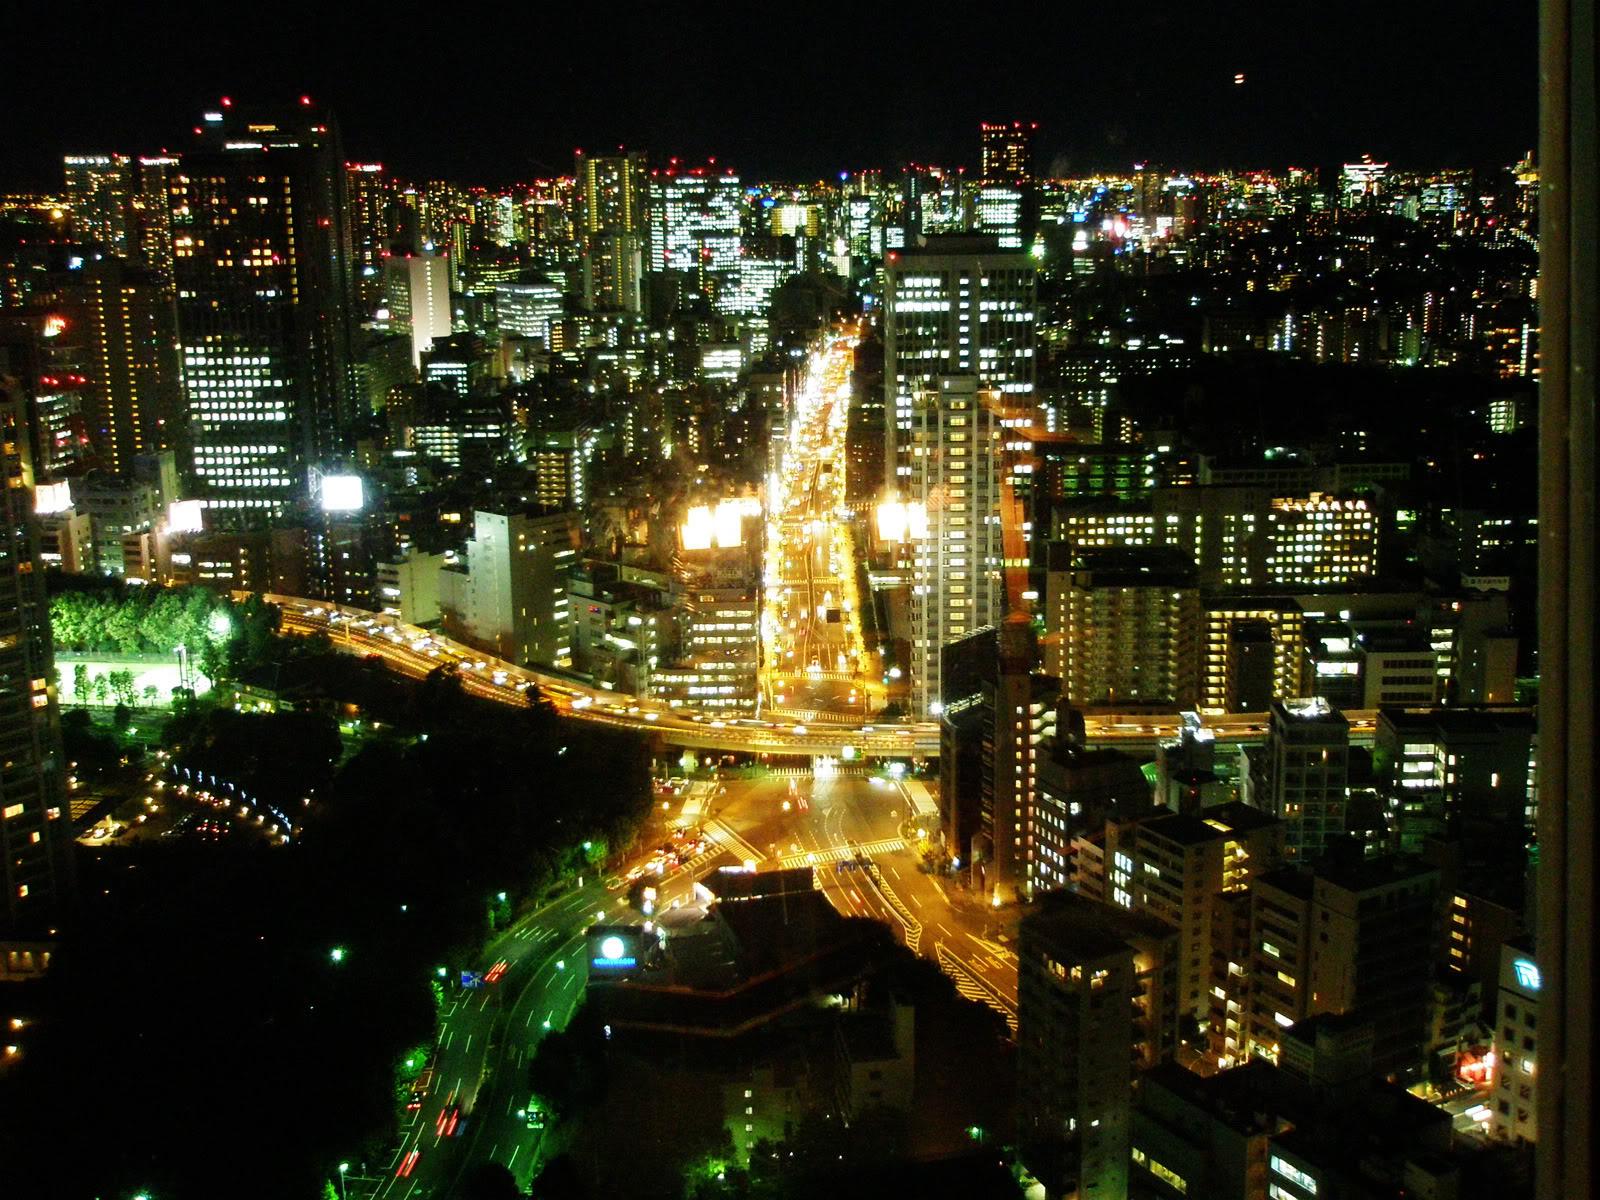 அழகிய டோக்யோ நகரம் படங்கள் சில - Page 2 TokyoTower_25